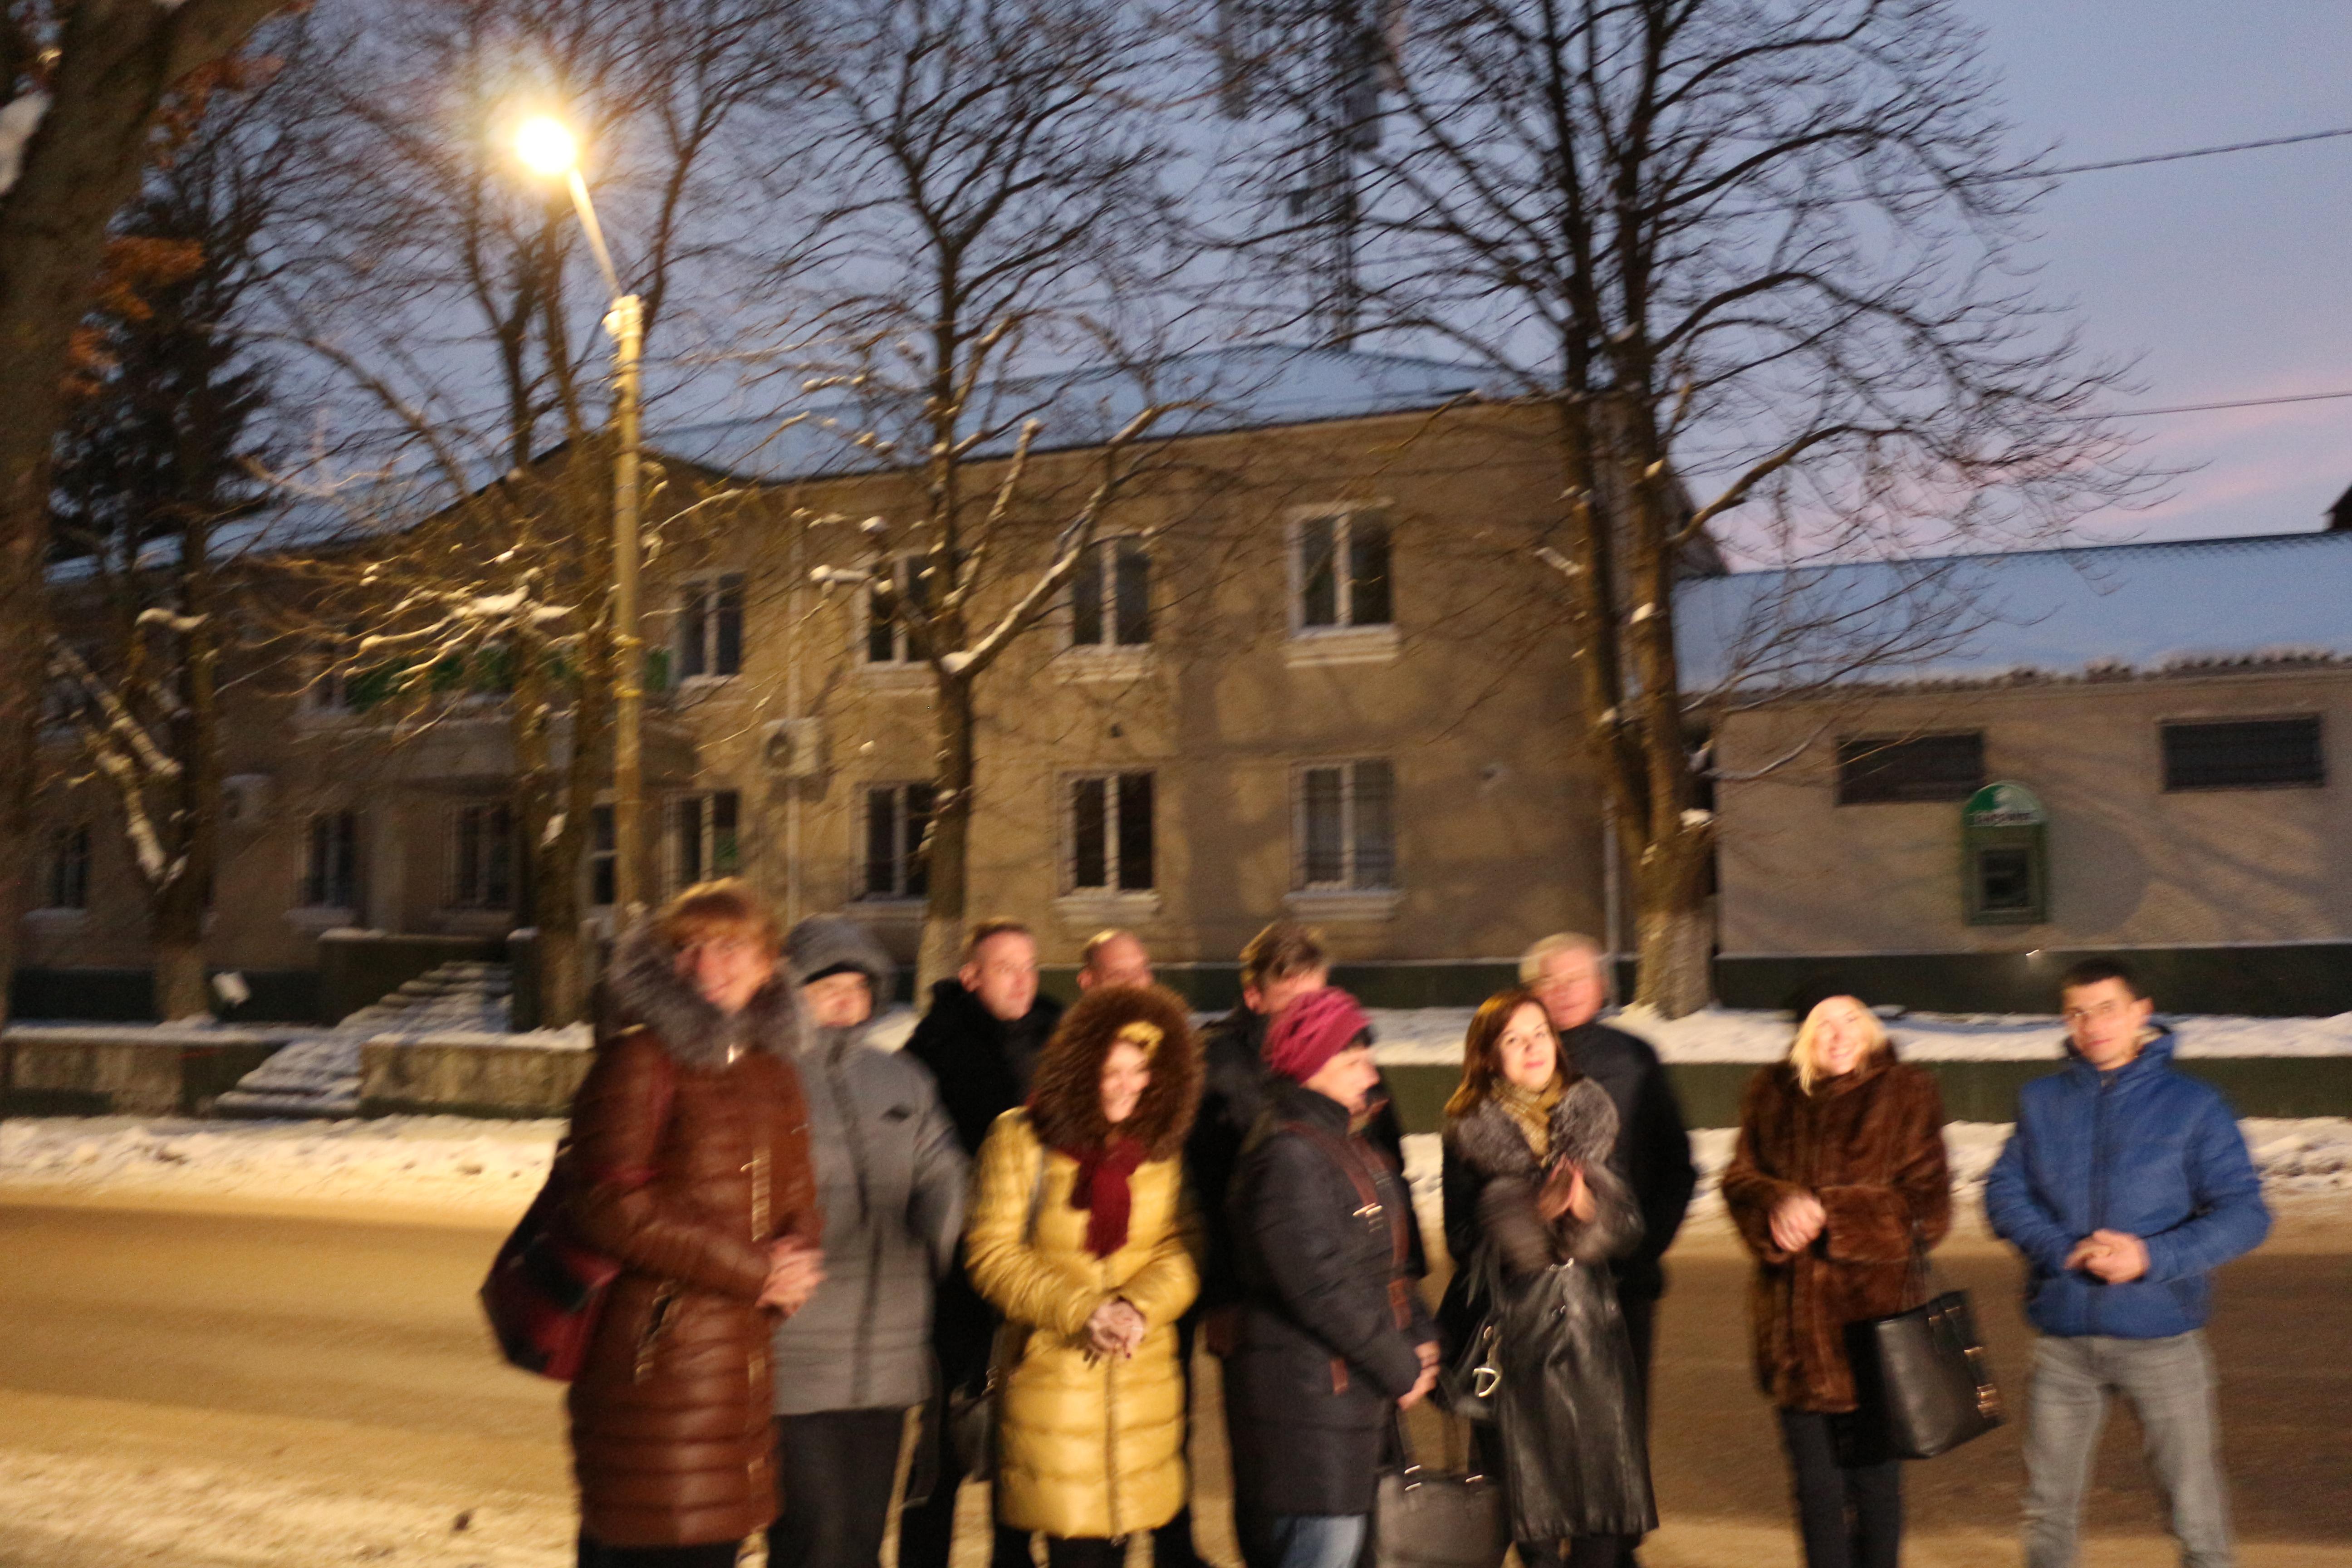 Ocnița, 30 noiembrie 2019 Inaugurarea iluminatului stradal inteligent, proiect realizat în cadrul Programului Convenția Primarilor-Proiecte Demonstraționale